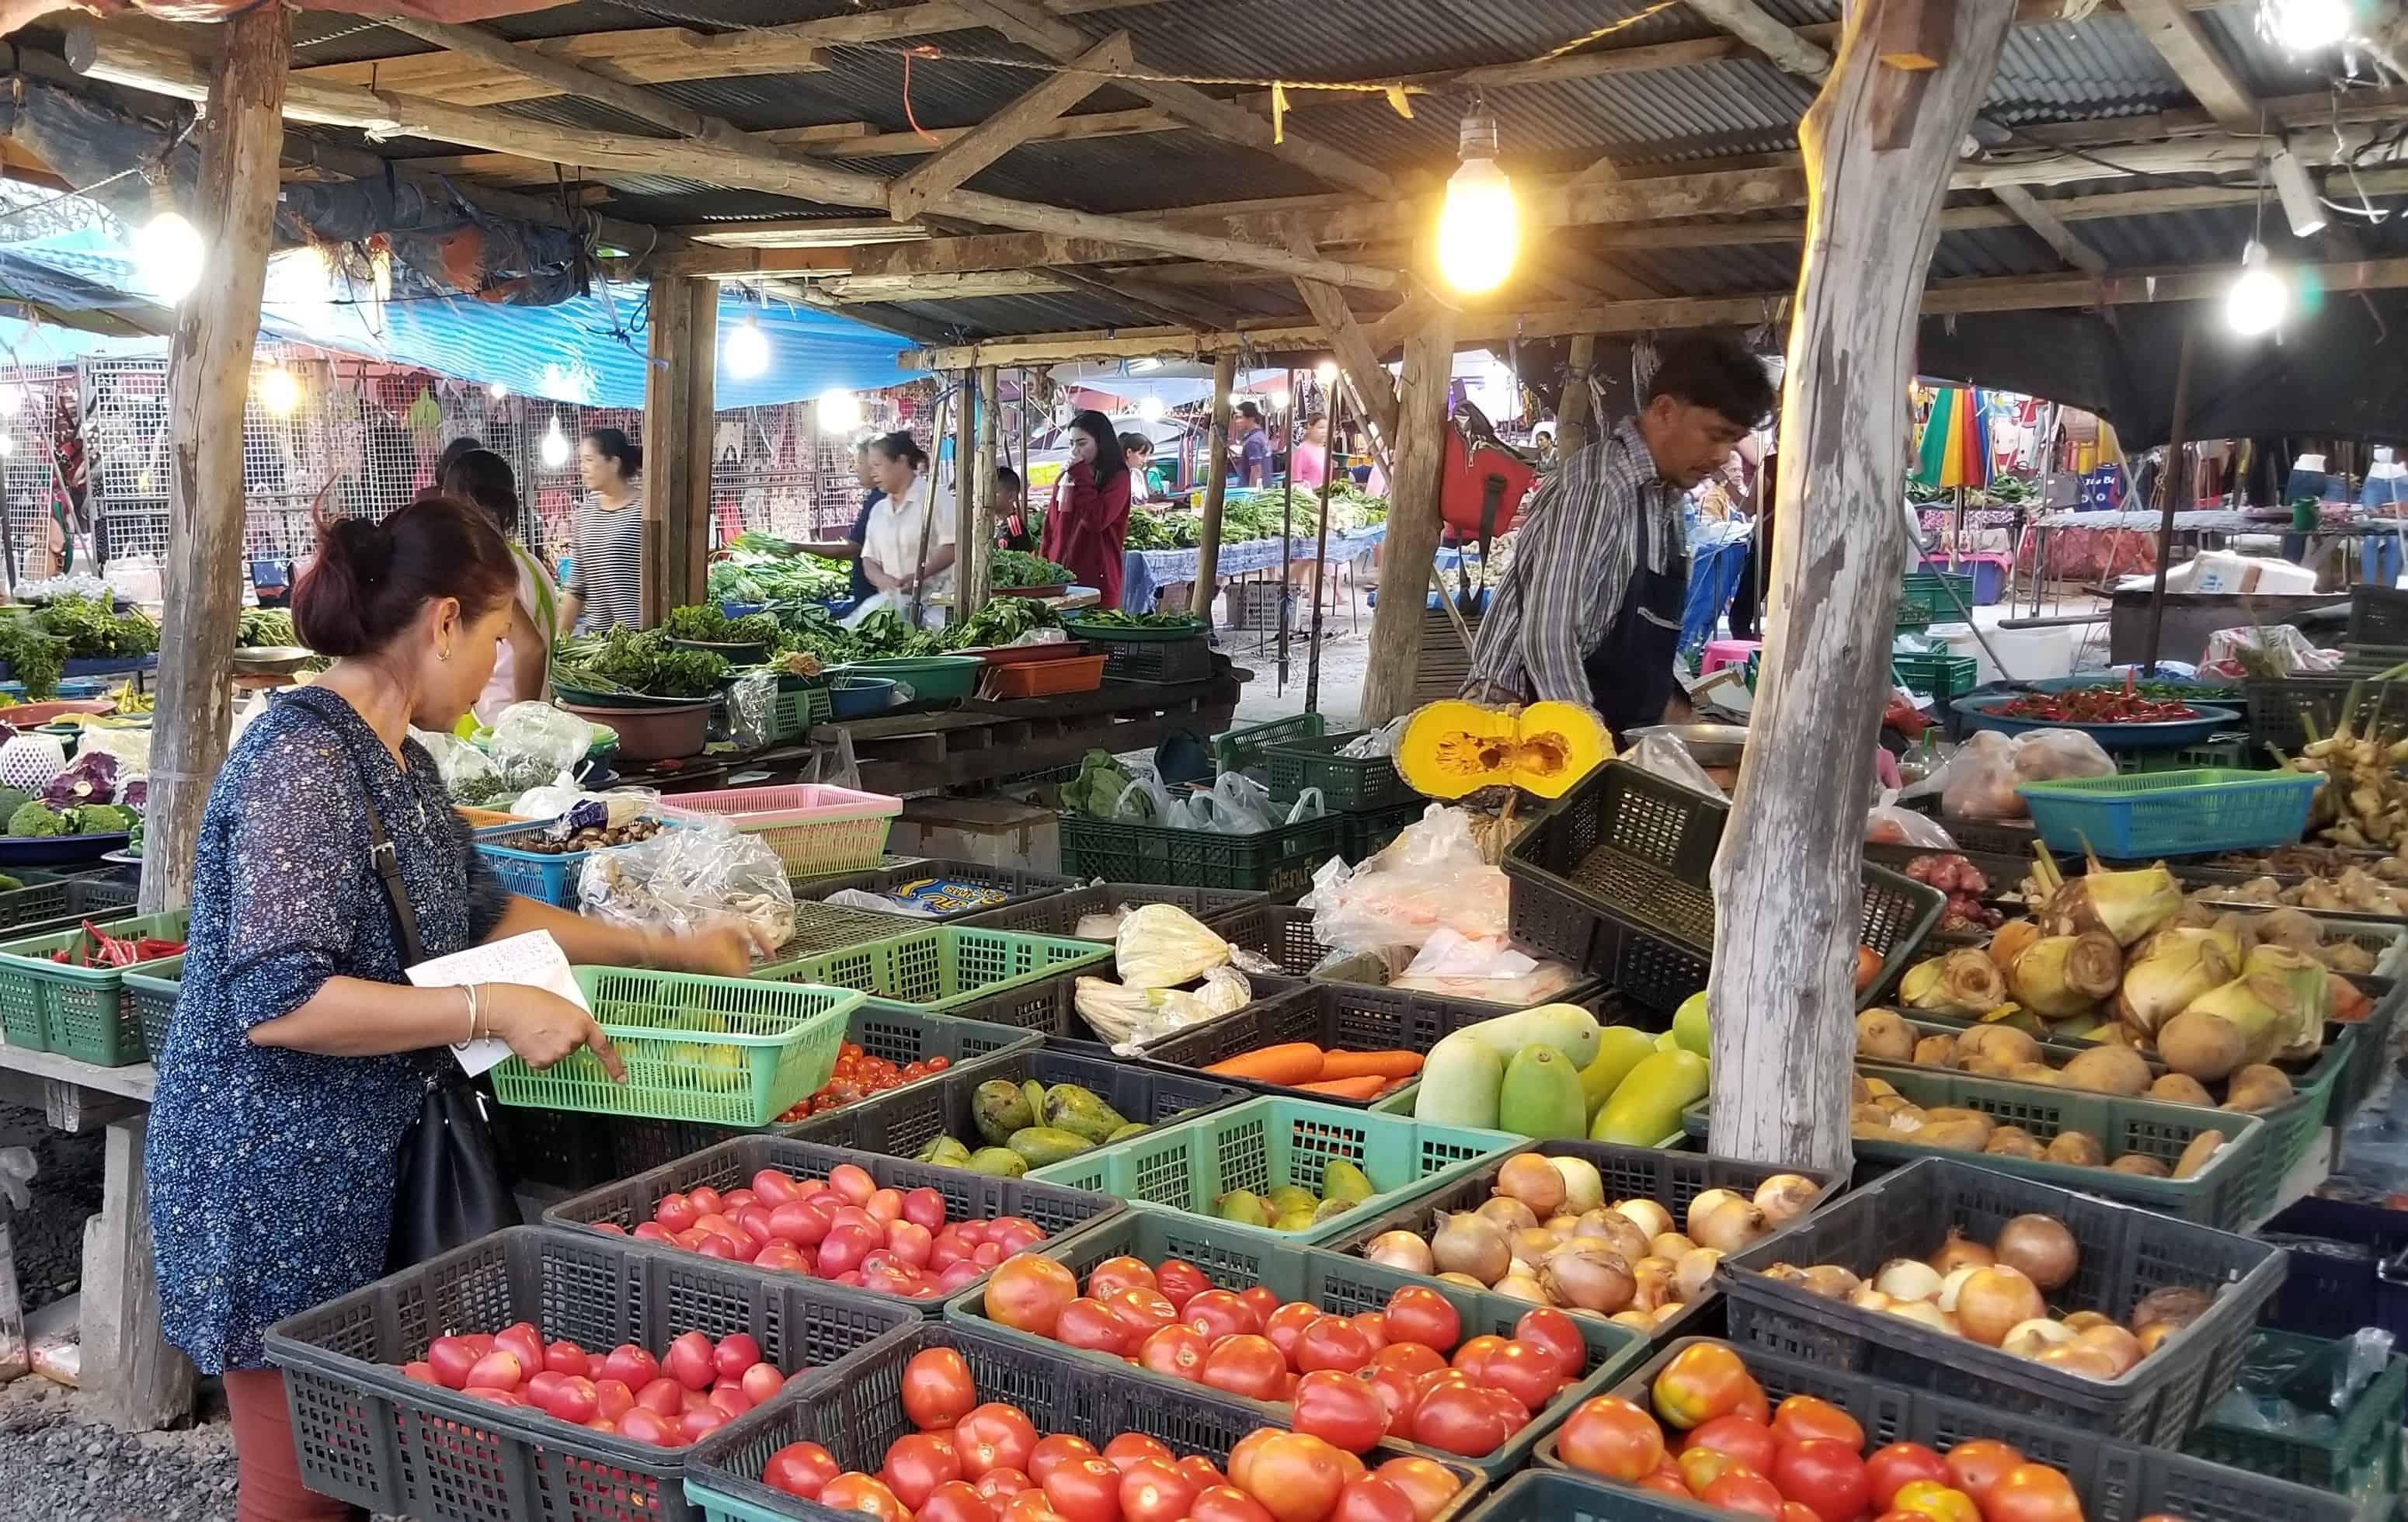 image-of-vegetable-stand-at-nai-yang-market-in-phuket-thailand